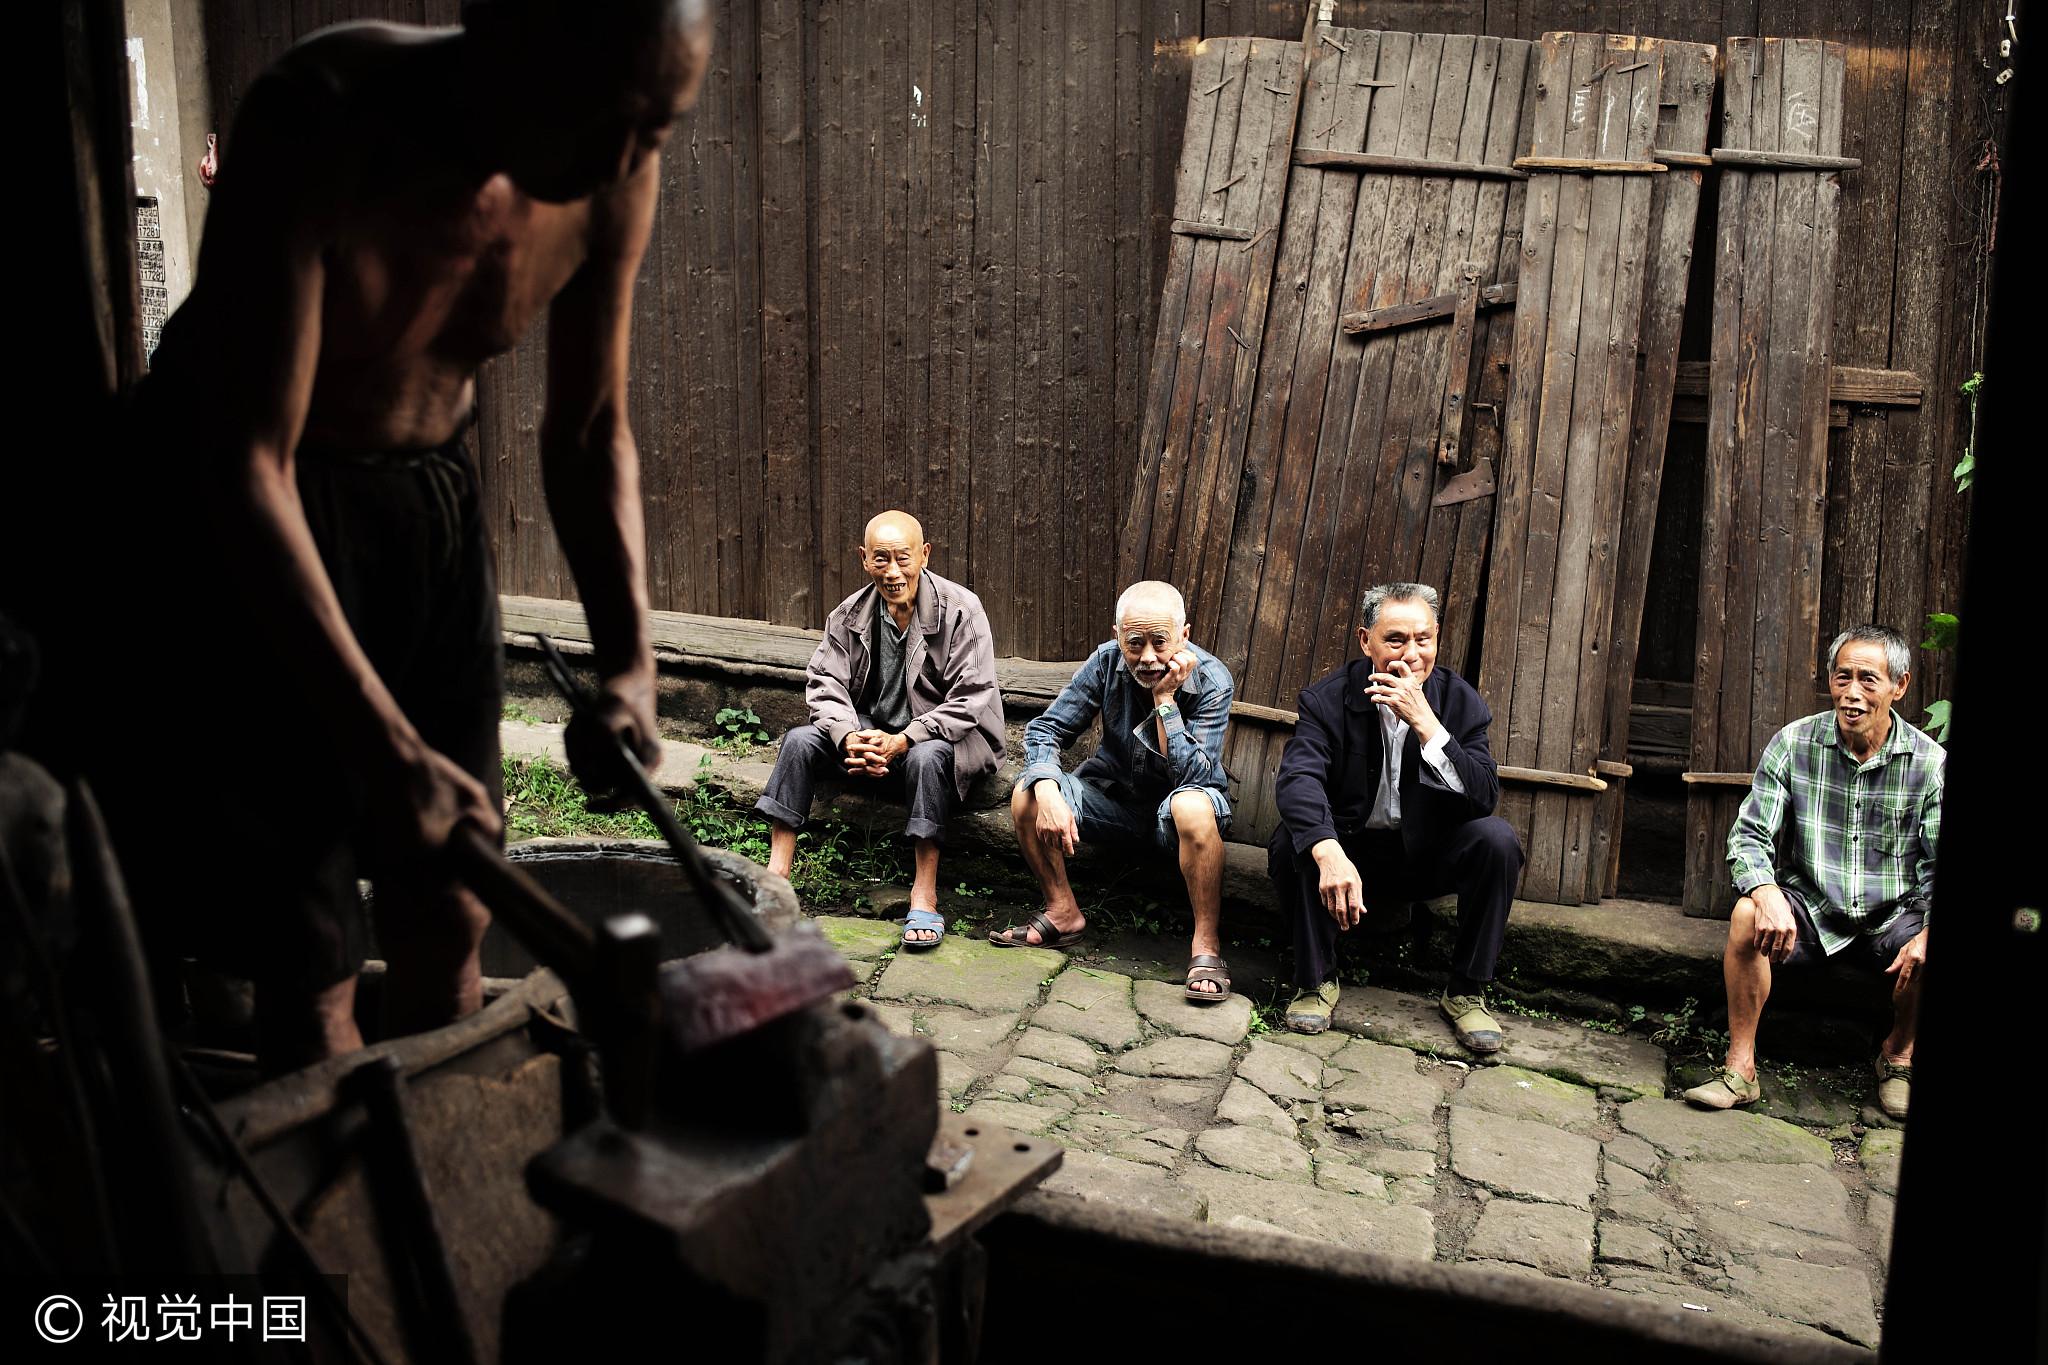 七旬老人打铁55年 称要打到抡不动铁锤为止 - 周公乐 - xinhua8848 的博客